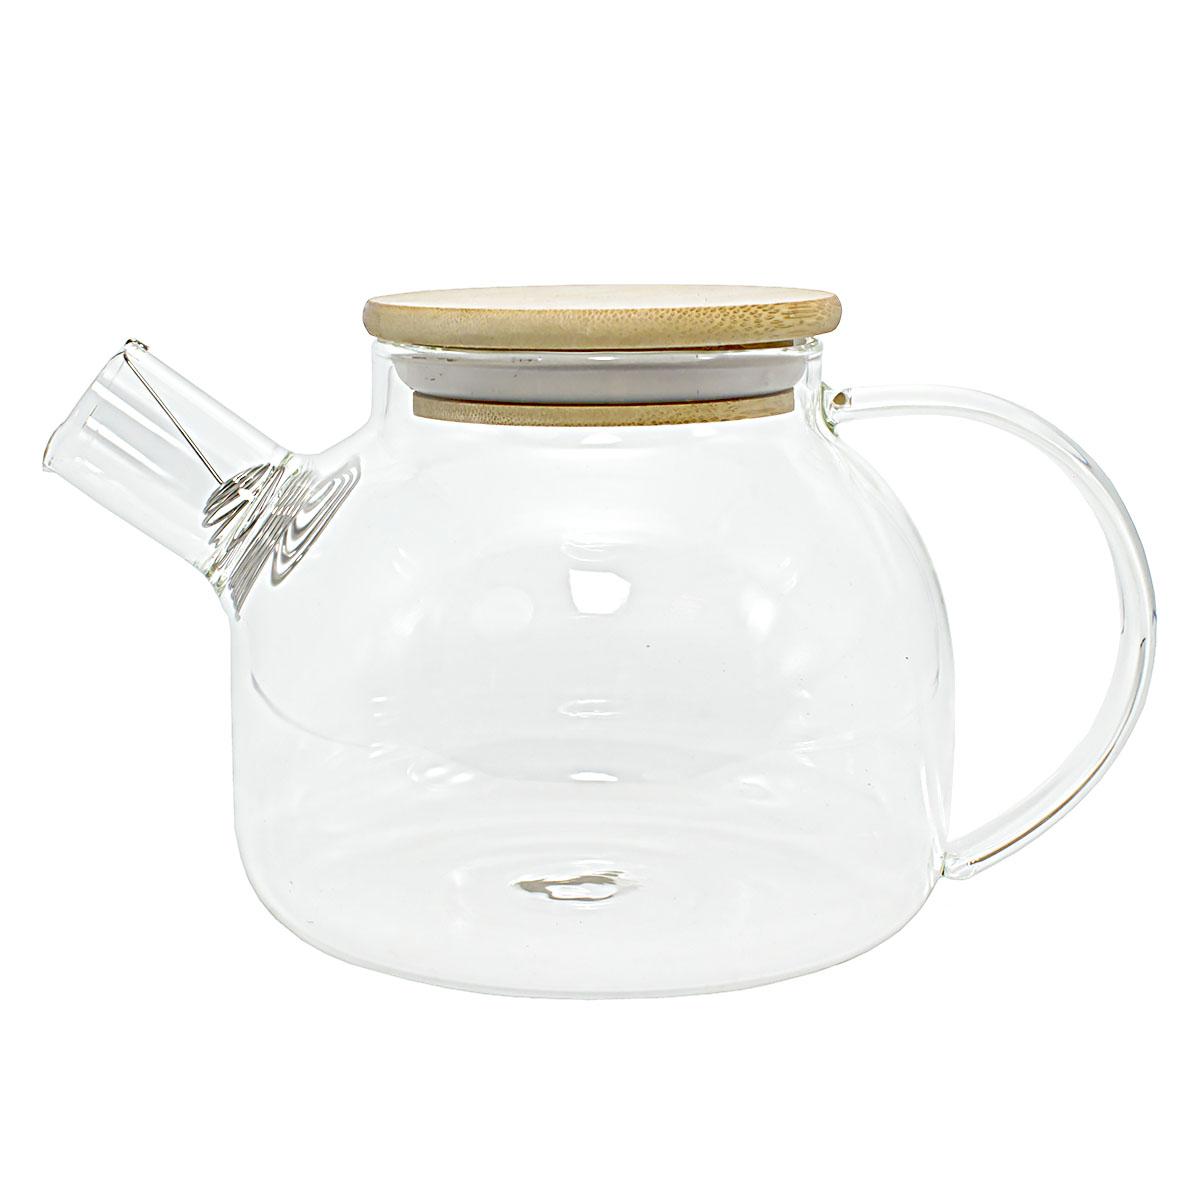 Фото - Заварочный стеклянный чайник с деревянной крышкой, 1000 мл фарфоровый заварочный чайник паркур 1000 мл